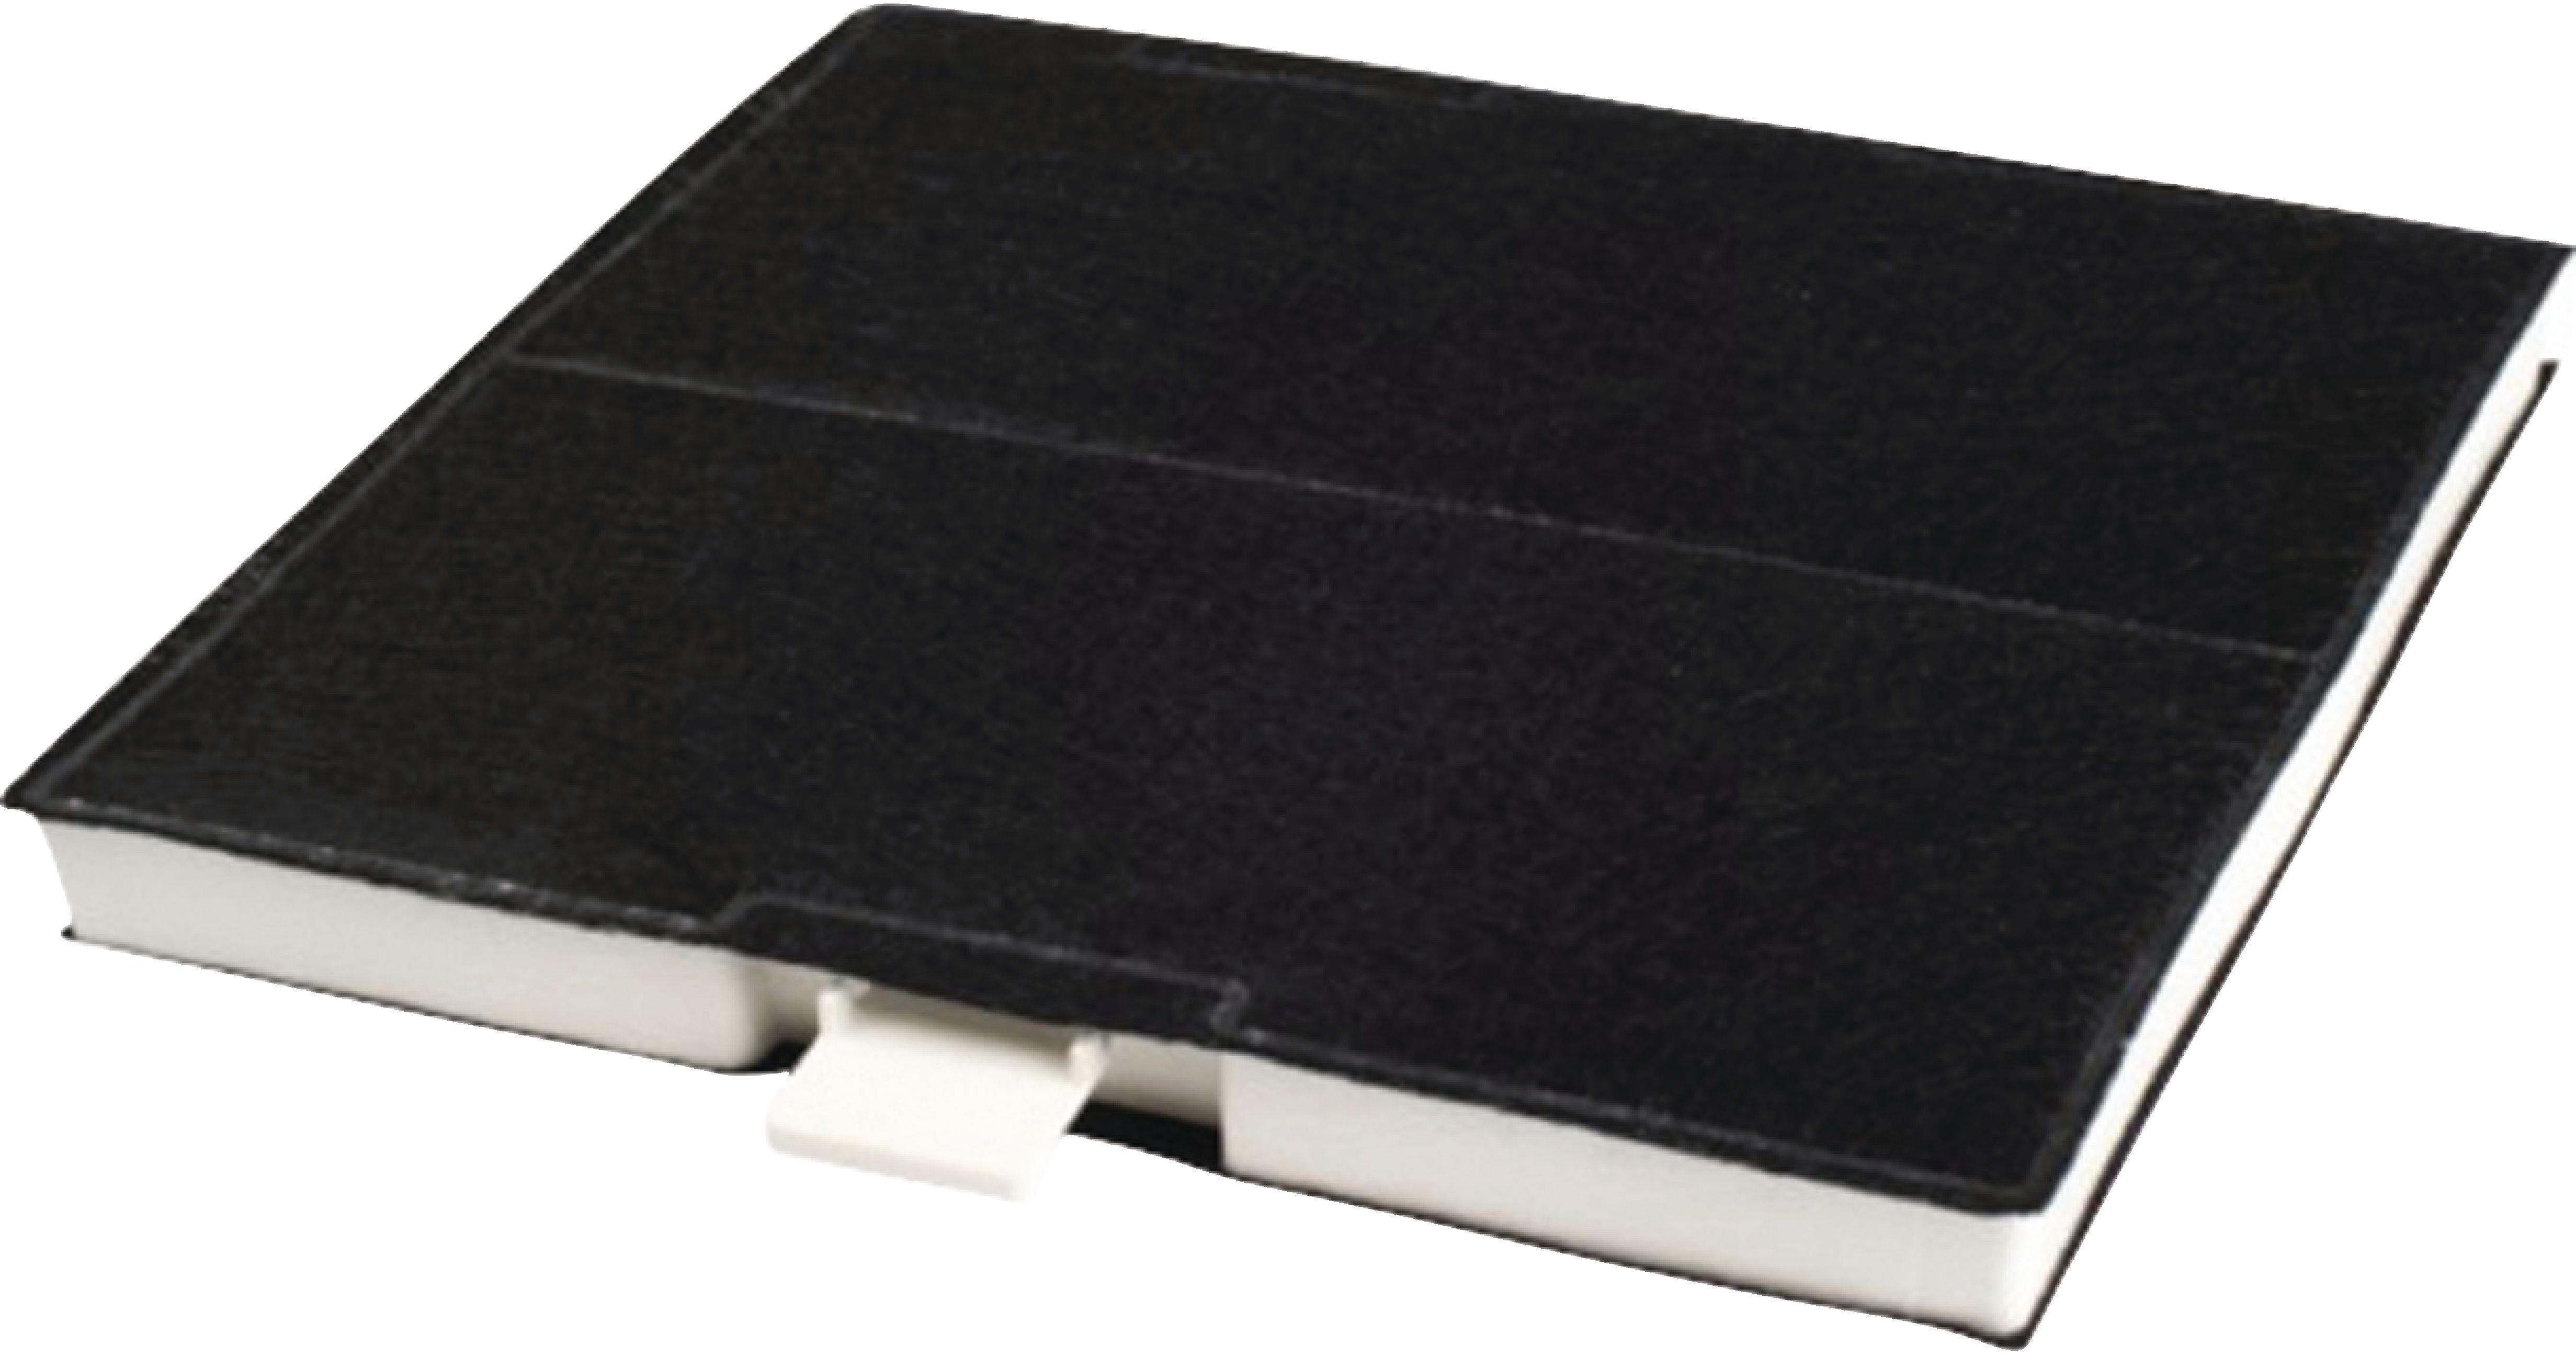 Uhlíkový filtr do digestoře Bosh/Siemens, 25 x 23.7 cm